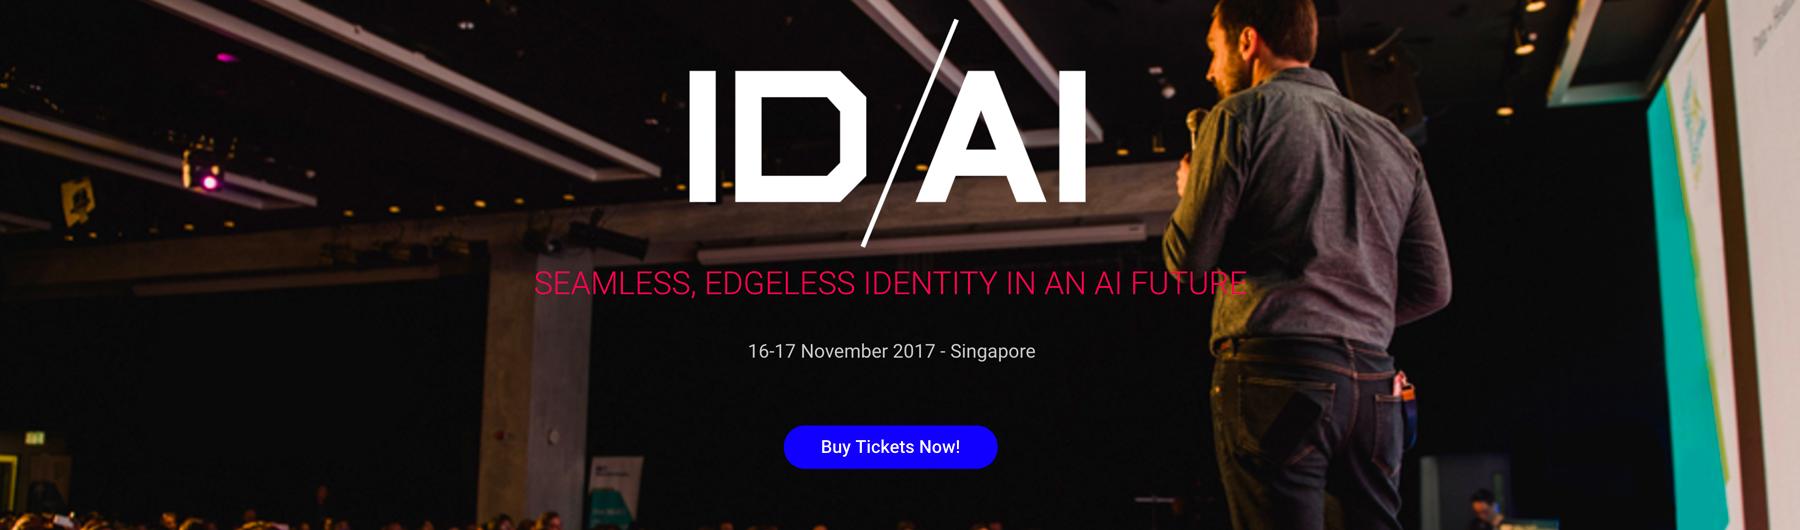 ID/AI 2017